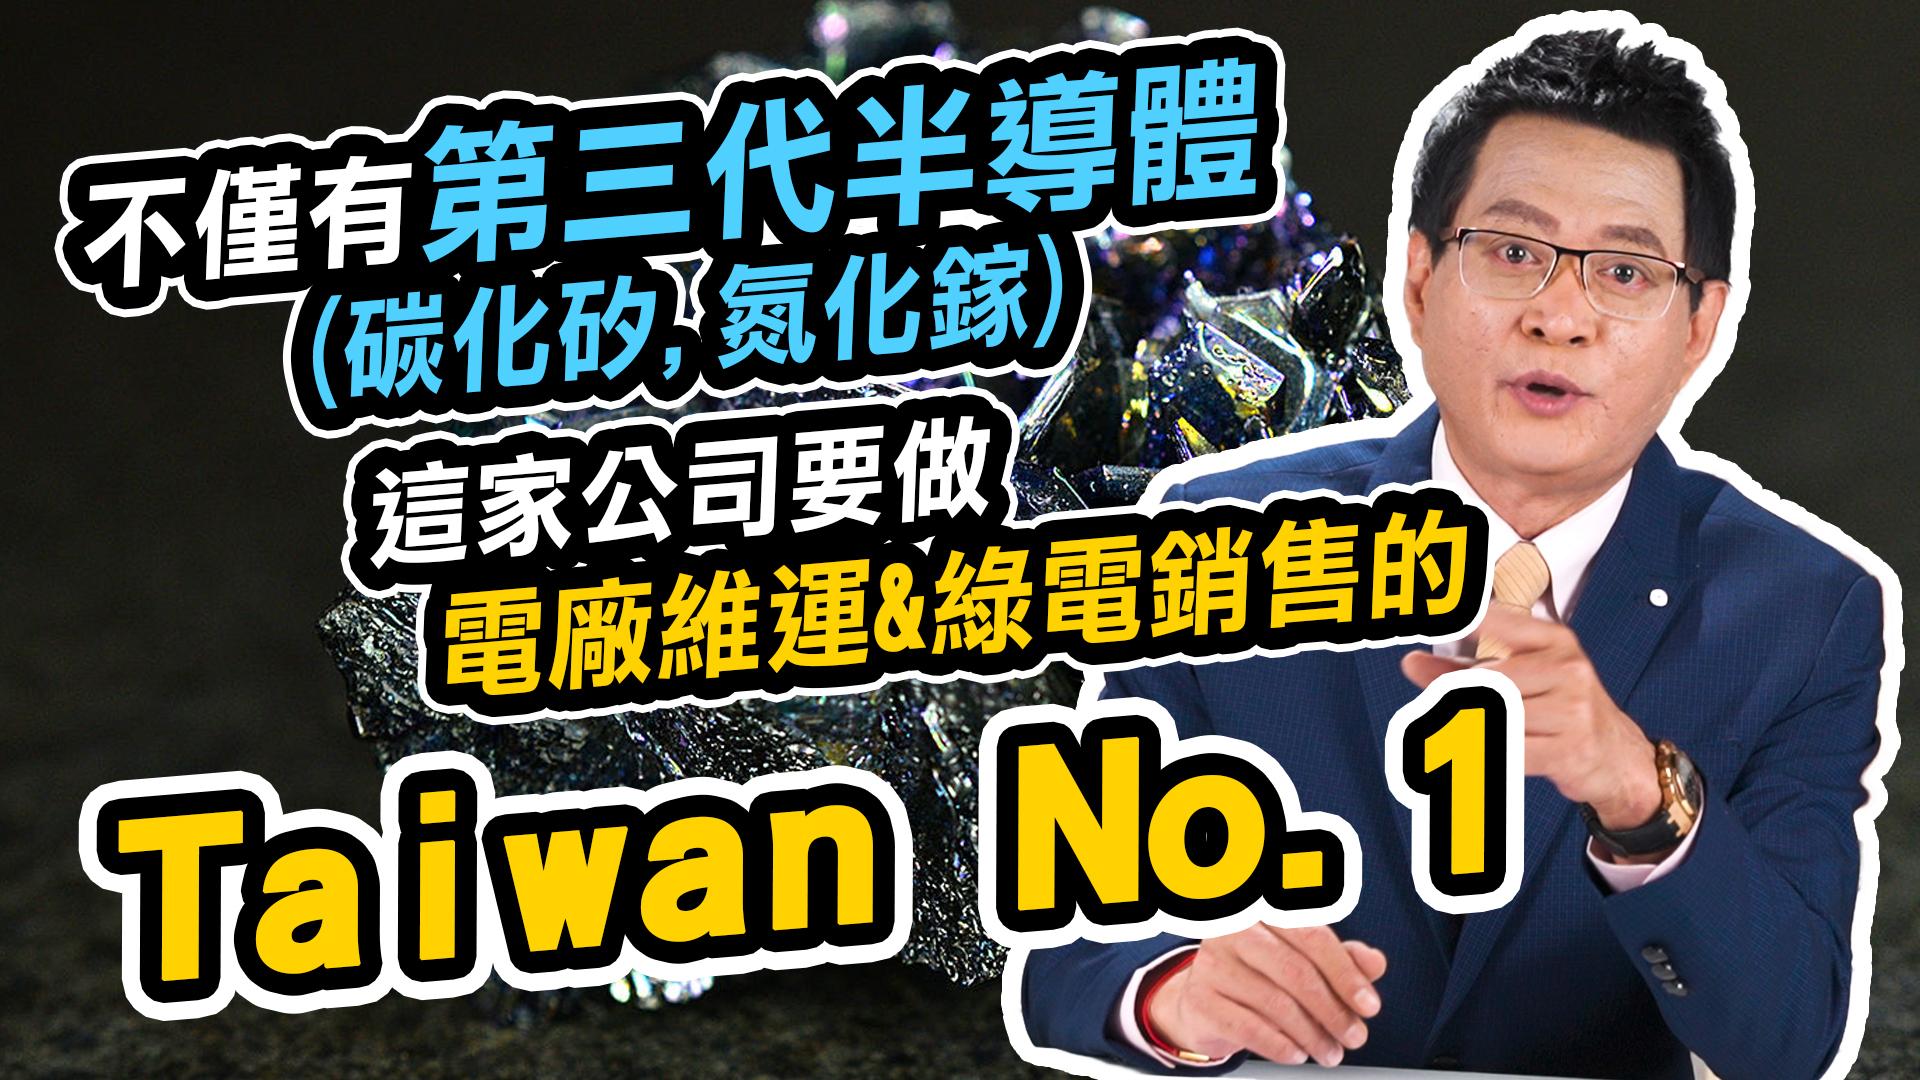 第三代半導體在這家公司?電廠維運、綠電銷售的Taiwan No.1【散戶特攻隊 隊長戰情室】